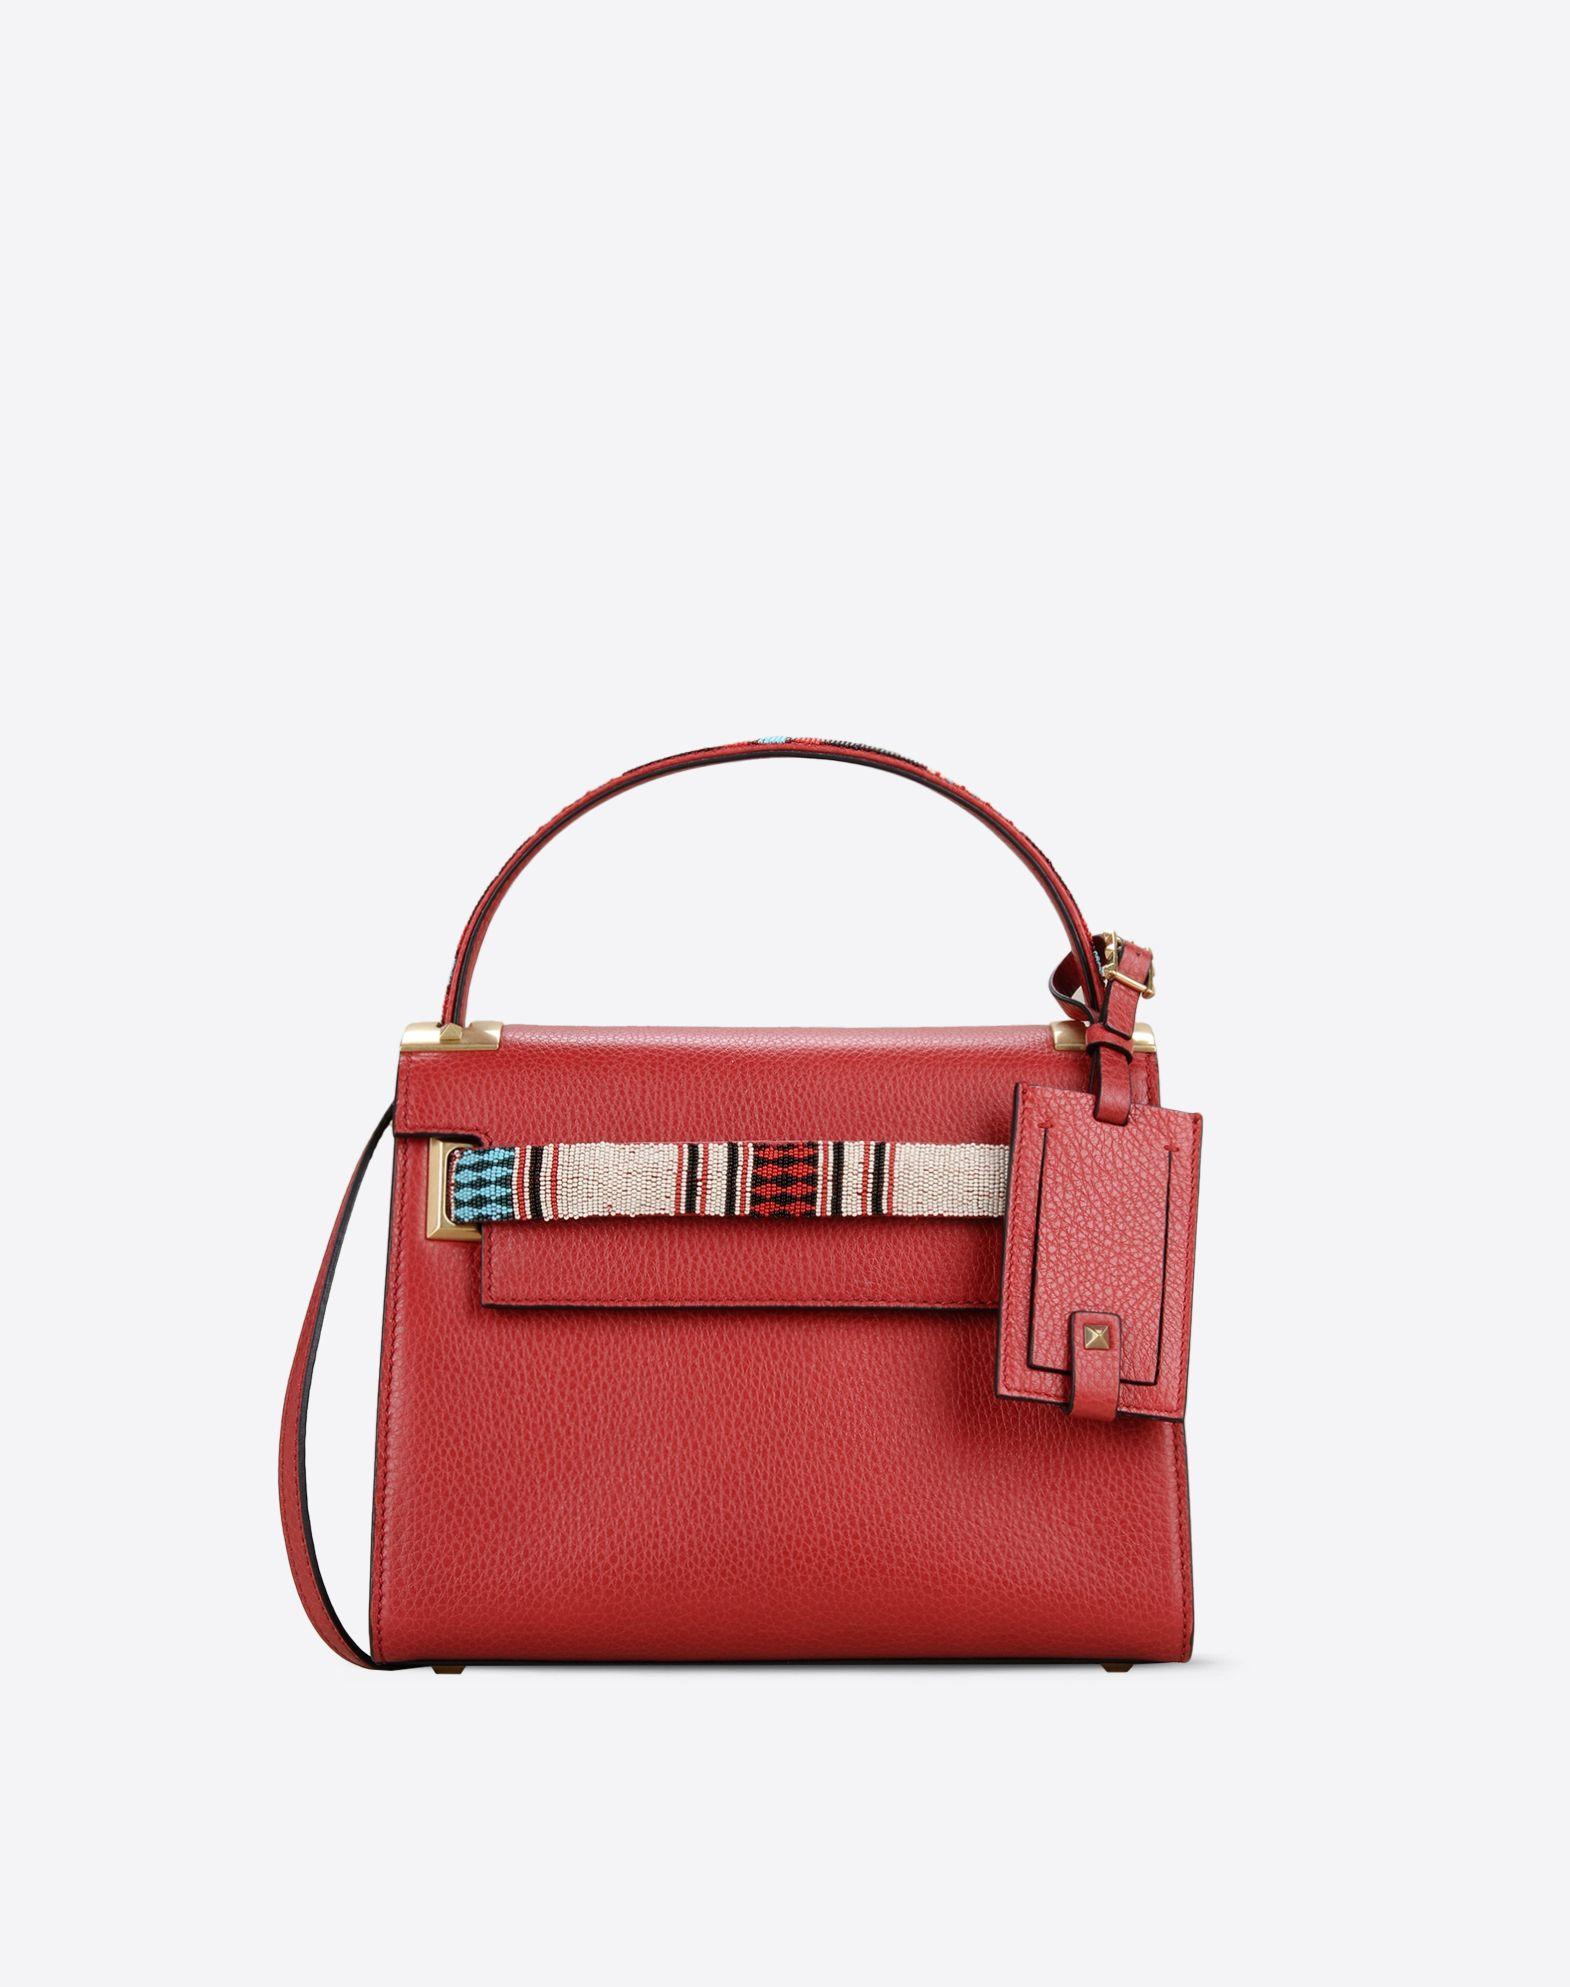 Valentino Garavani Red Leather Shoulder Bag Handbag W/ Front Pockets Iy85jtp2p